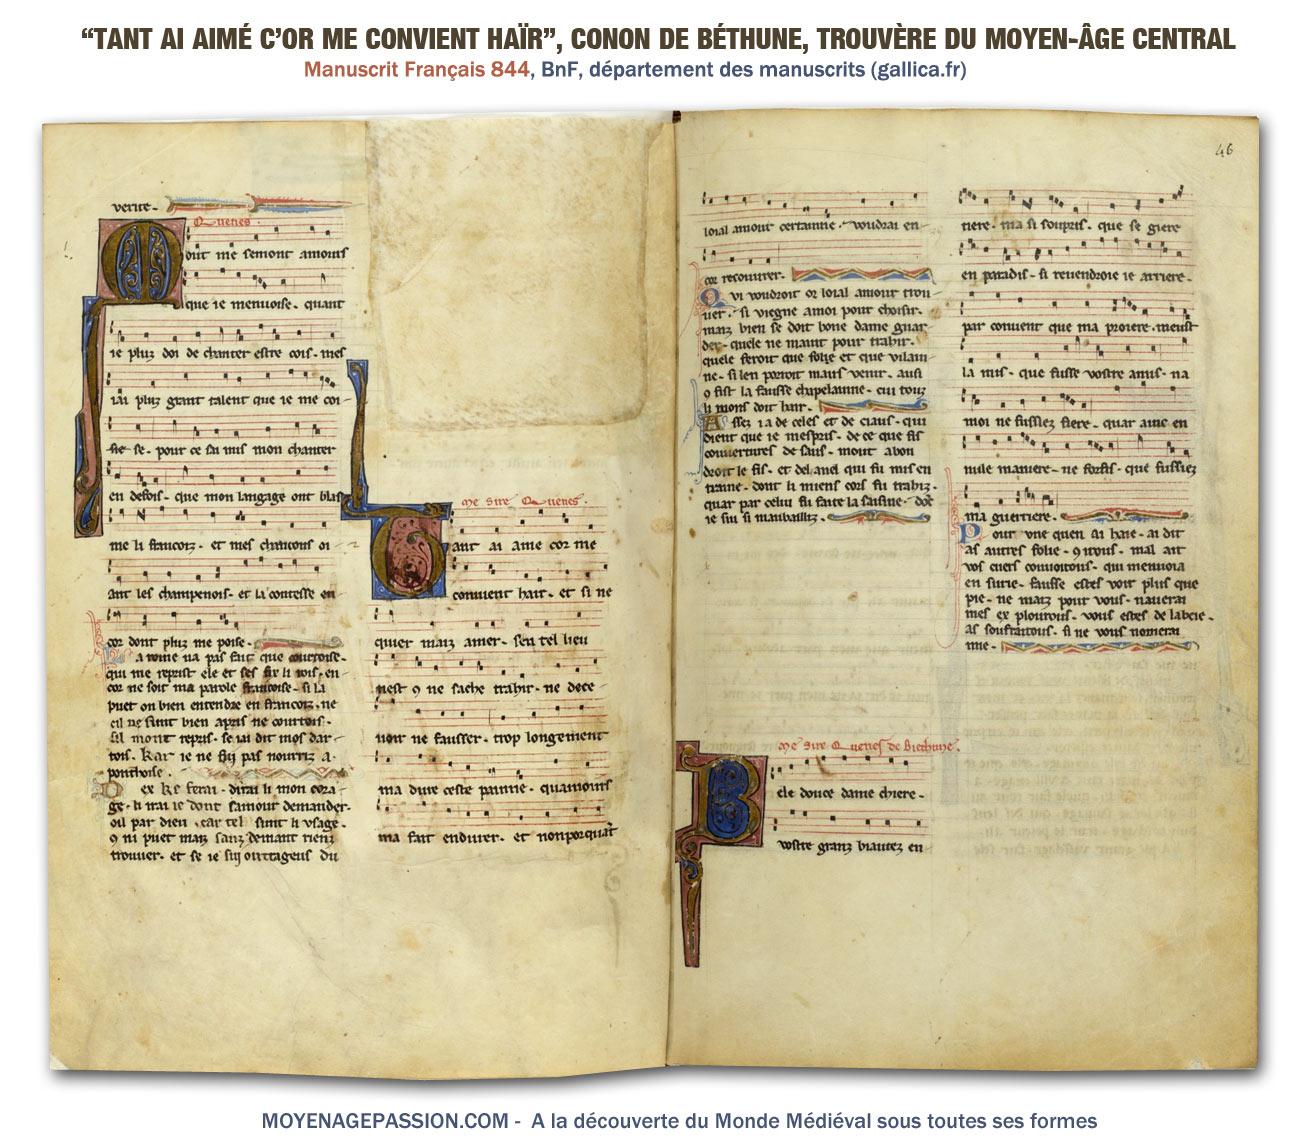 musique_poesie_chanson_medievale_trouvere_conon_de_bethune_manuscrit_francais_844_bnf_moyen-age